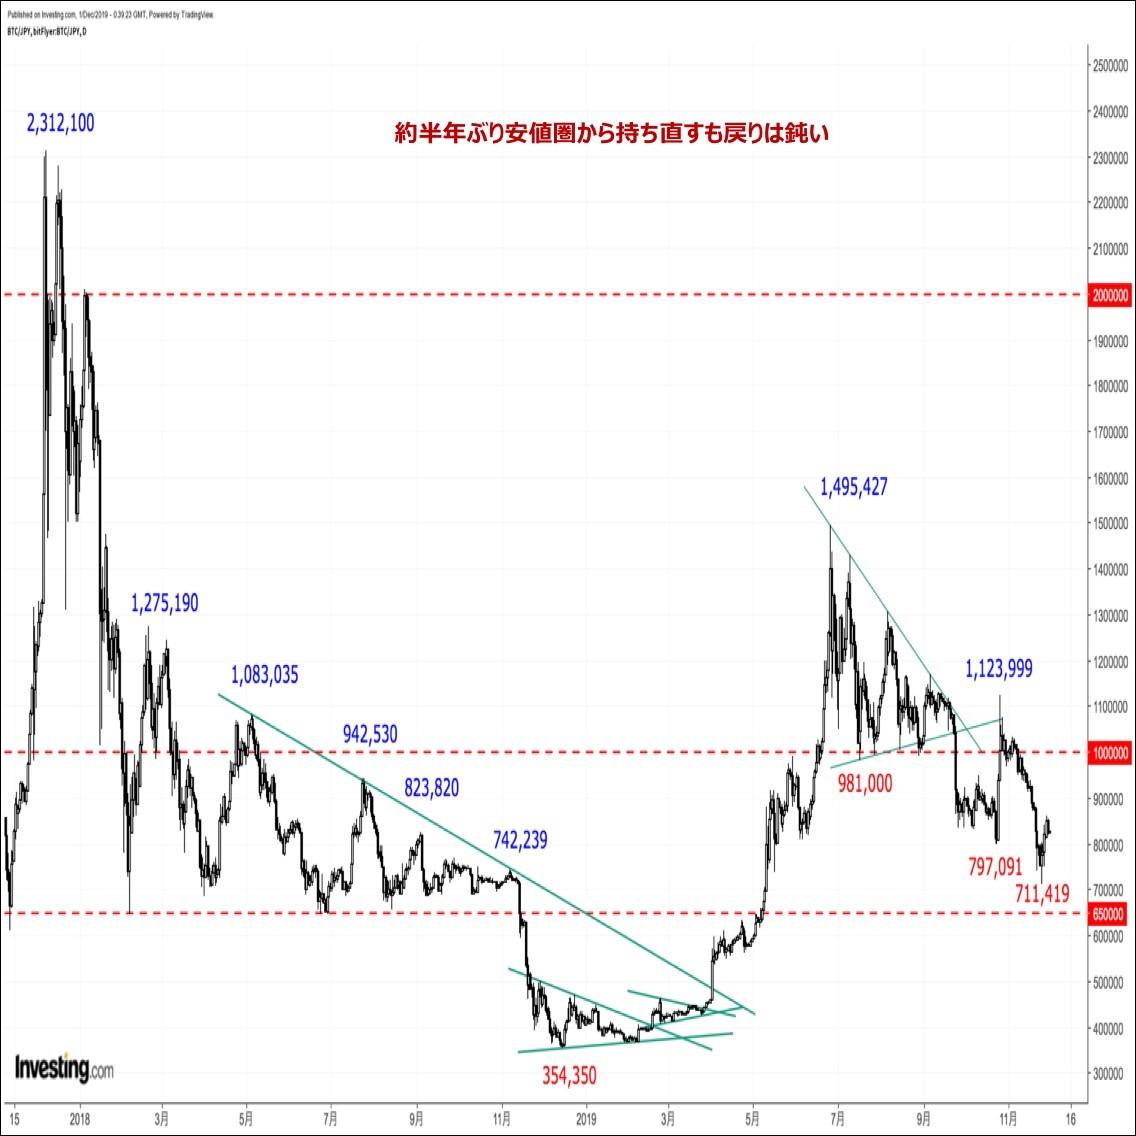 ビットコインの価格分析『半年ぶり安値圏から持ち直すも戻りは鈍い。一巡後の反落に要警戒』(12/1)